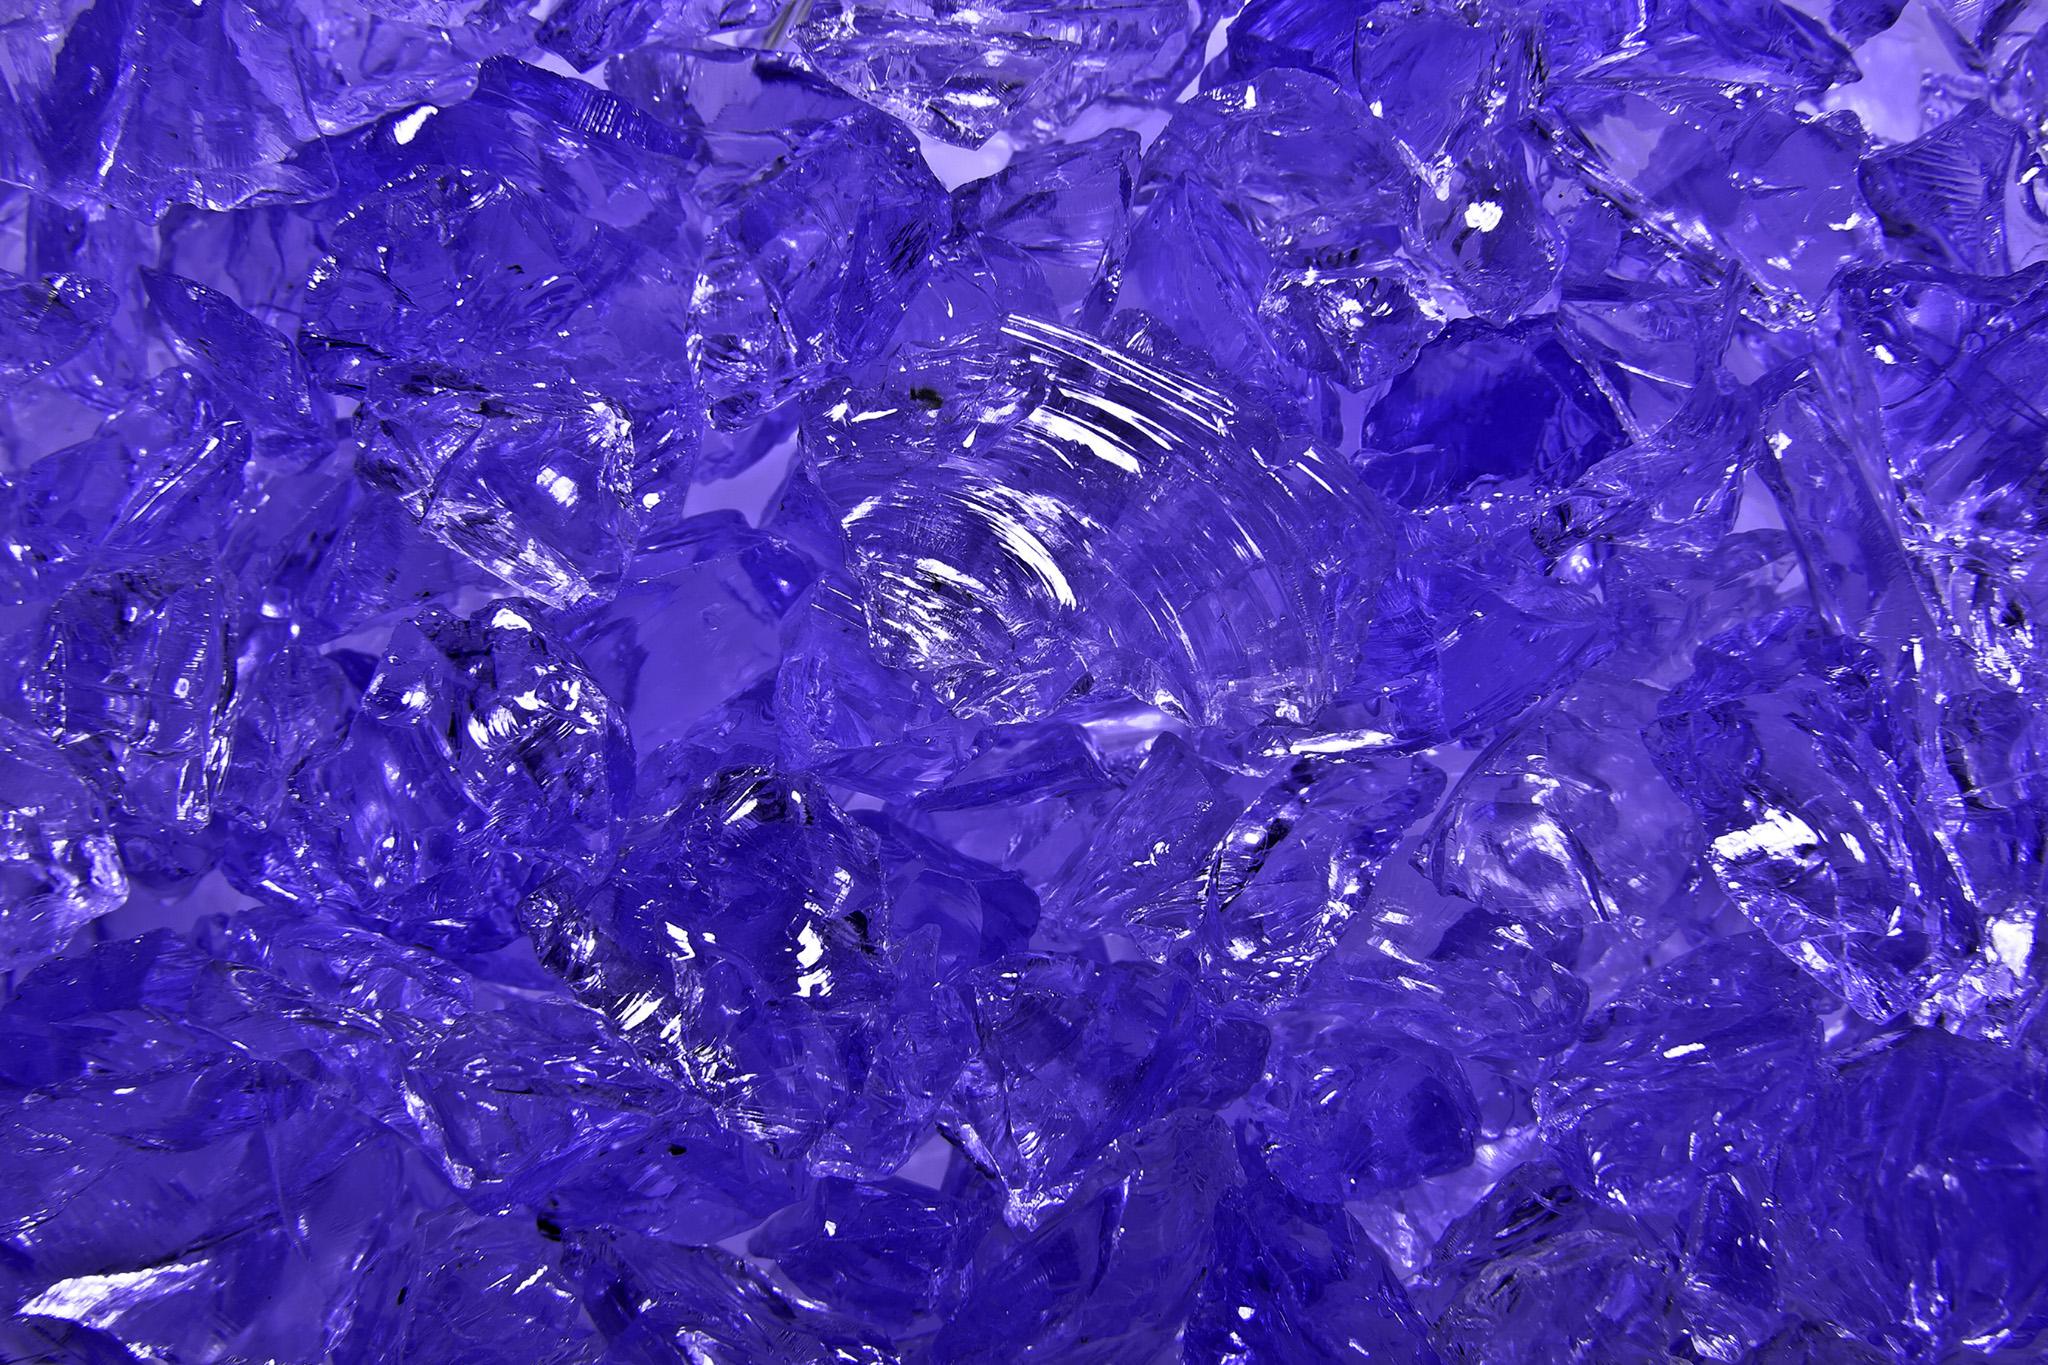 キラキラのガラス